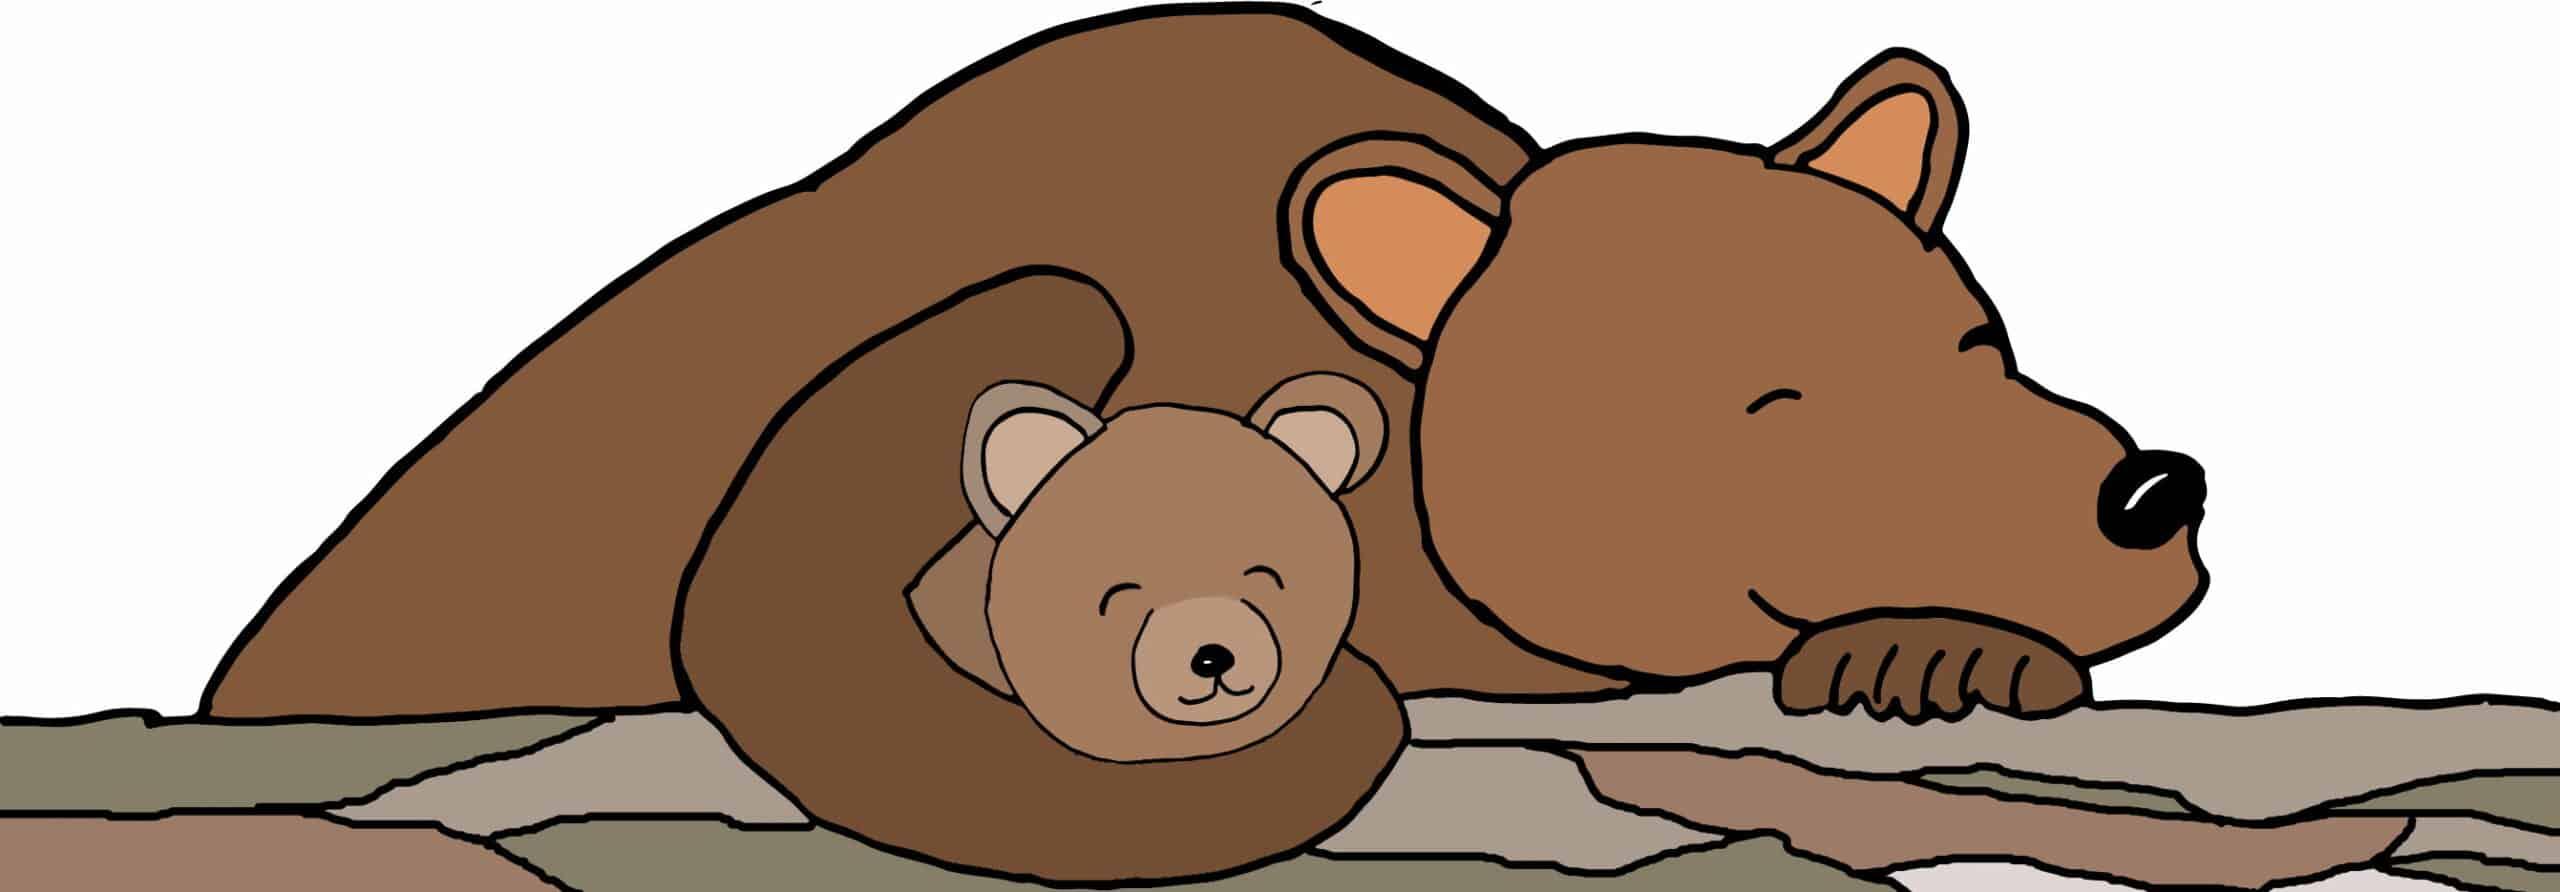 Contentbären schlafen